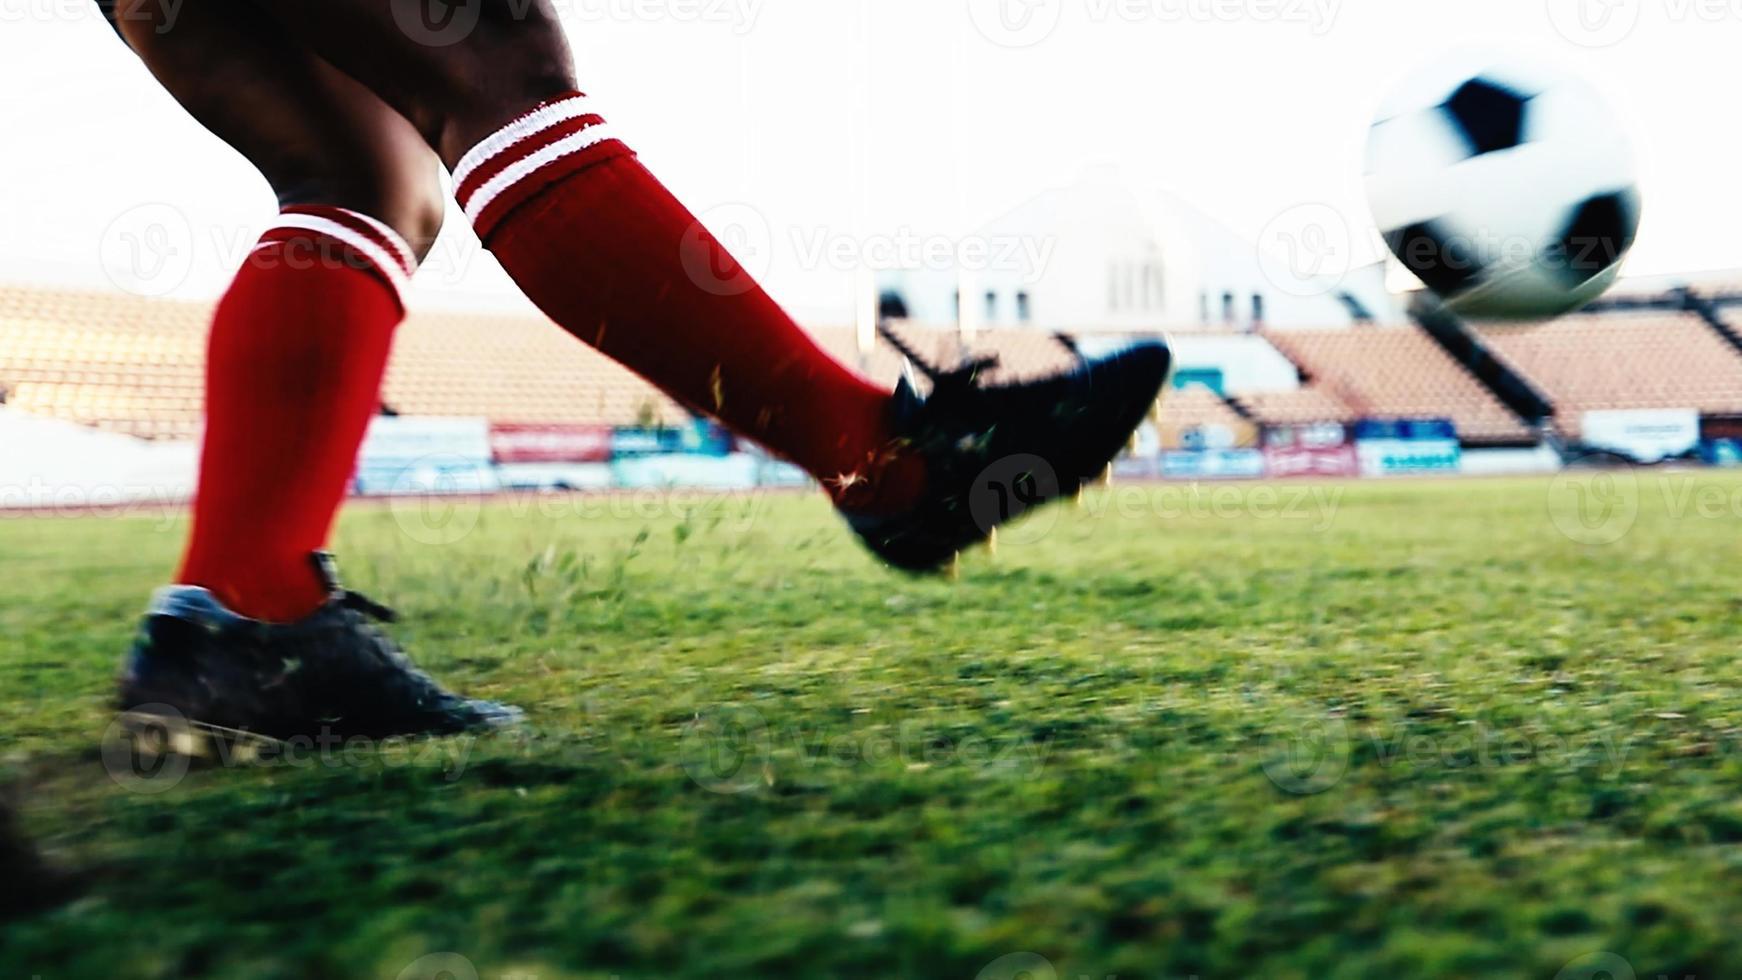 jogador de futebol ou futebol americano em pé com a bola no campo para chutar a bola no estádio de futebol foto